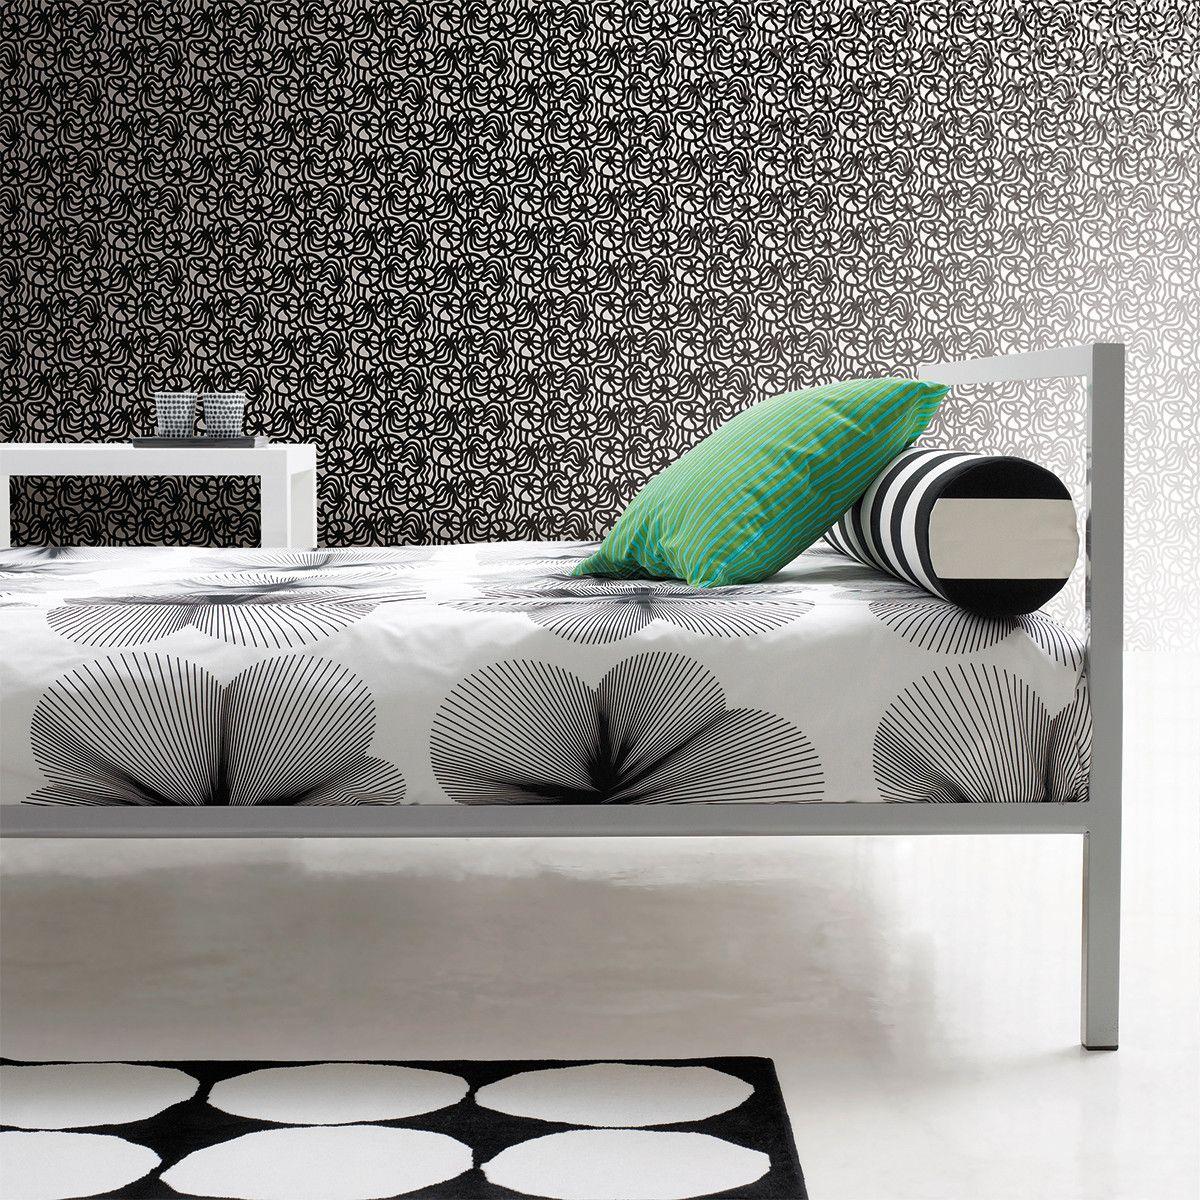 Marimekko Faux Brick Wallpaper Design Modern Wall Art Canvas